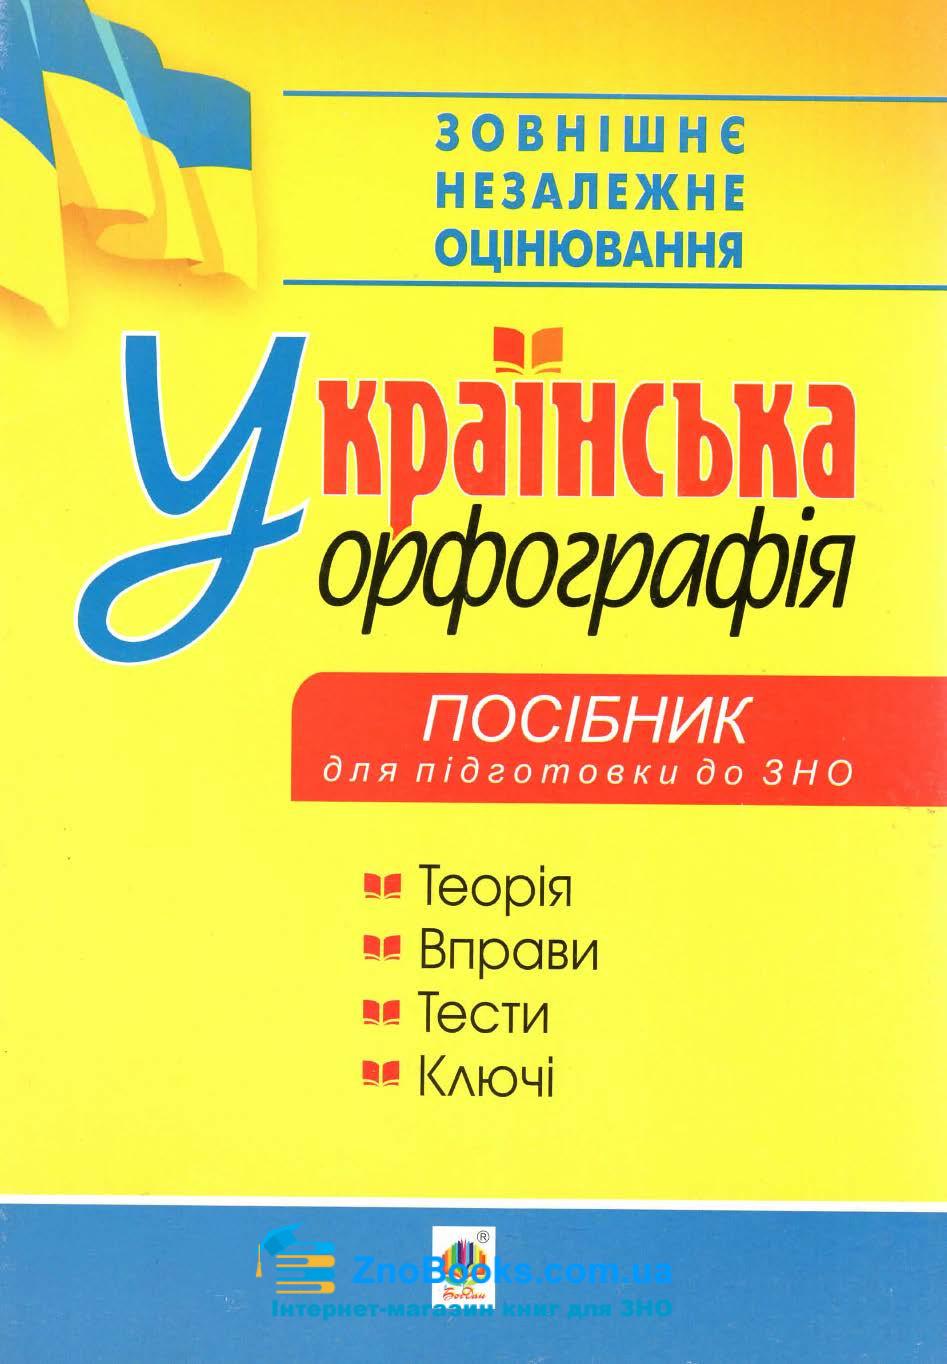 Українська орфографія: Дрозд О. Навчальна книга - Богдан. купити 0